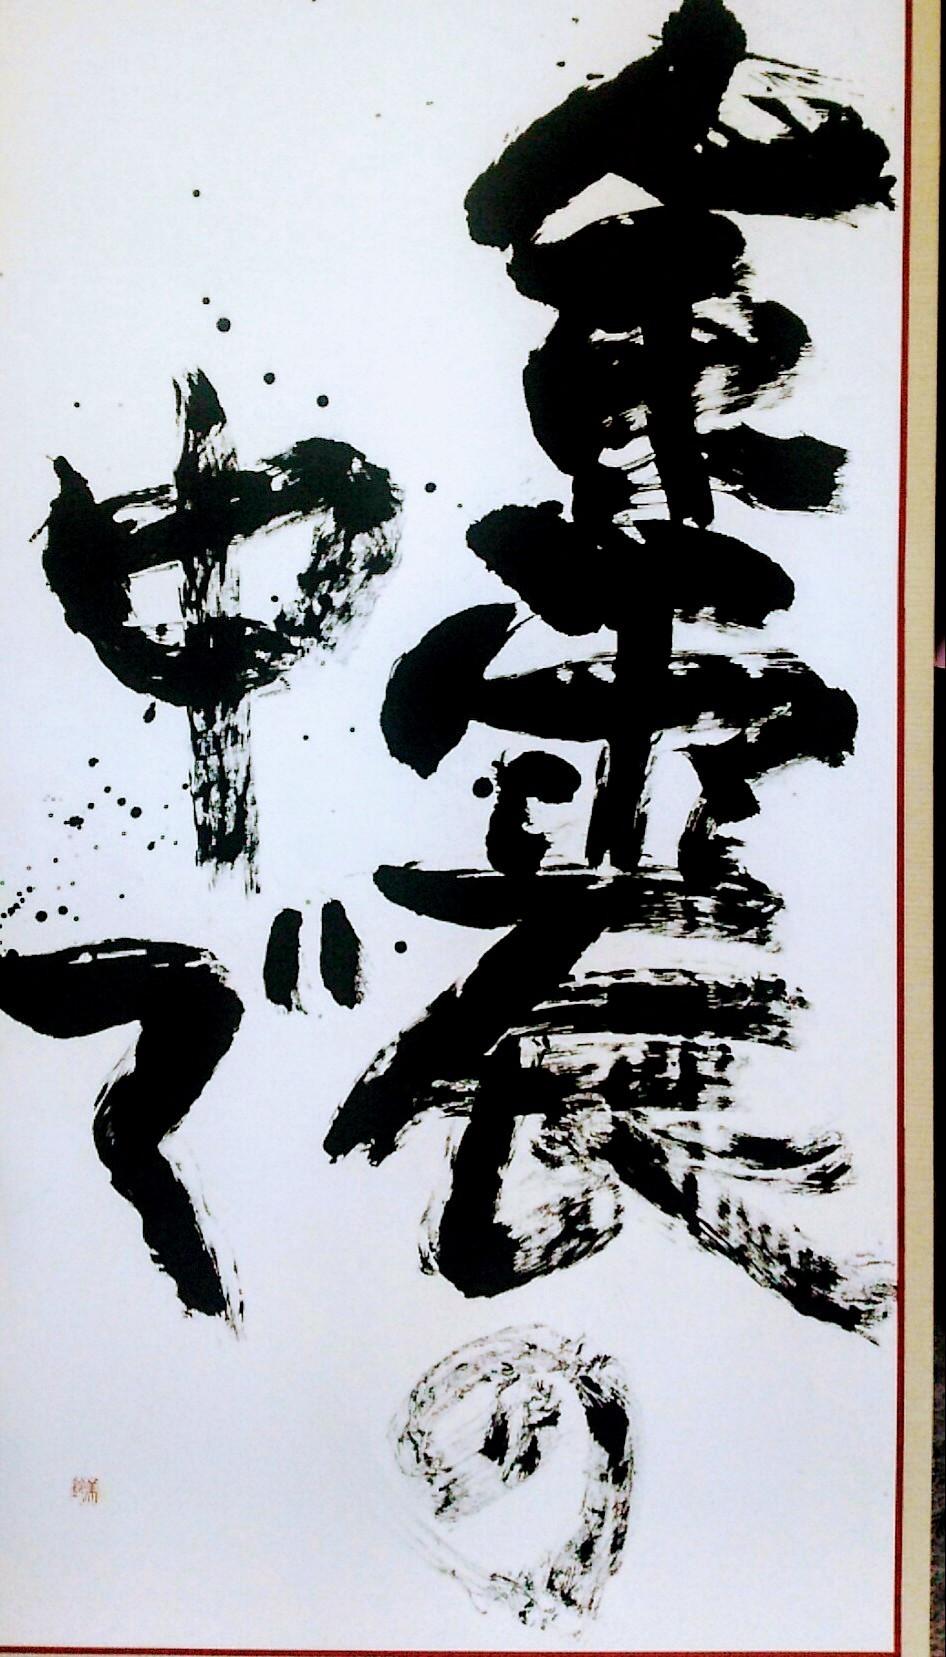 神戸から、2021・阪神淡路大震災の記憶vol.17、作品展示のお知らせ_a0098174_02254529.jpg